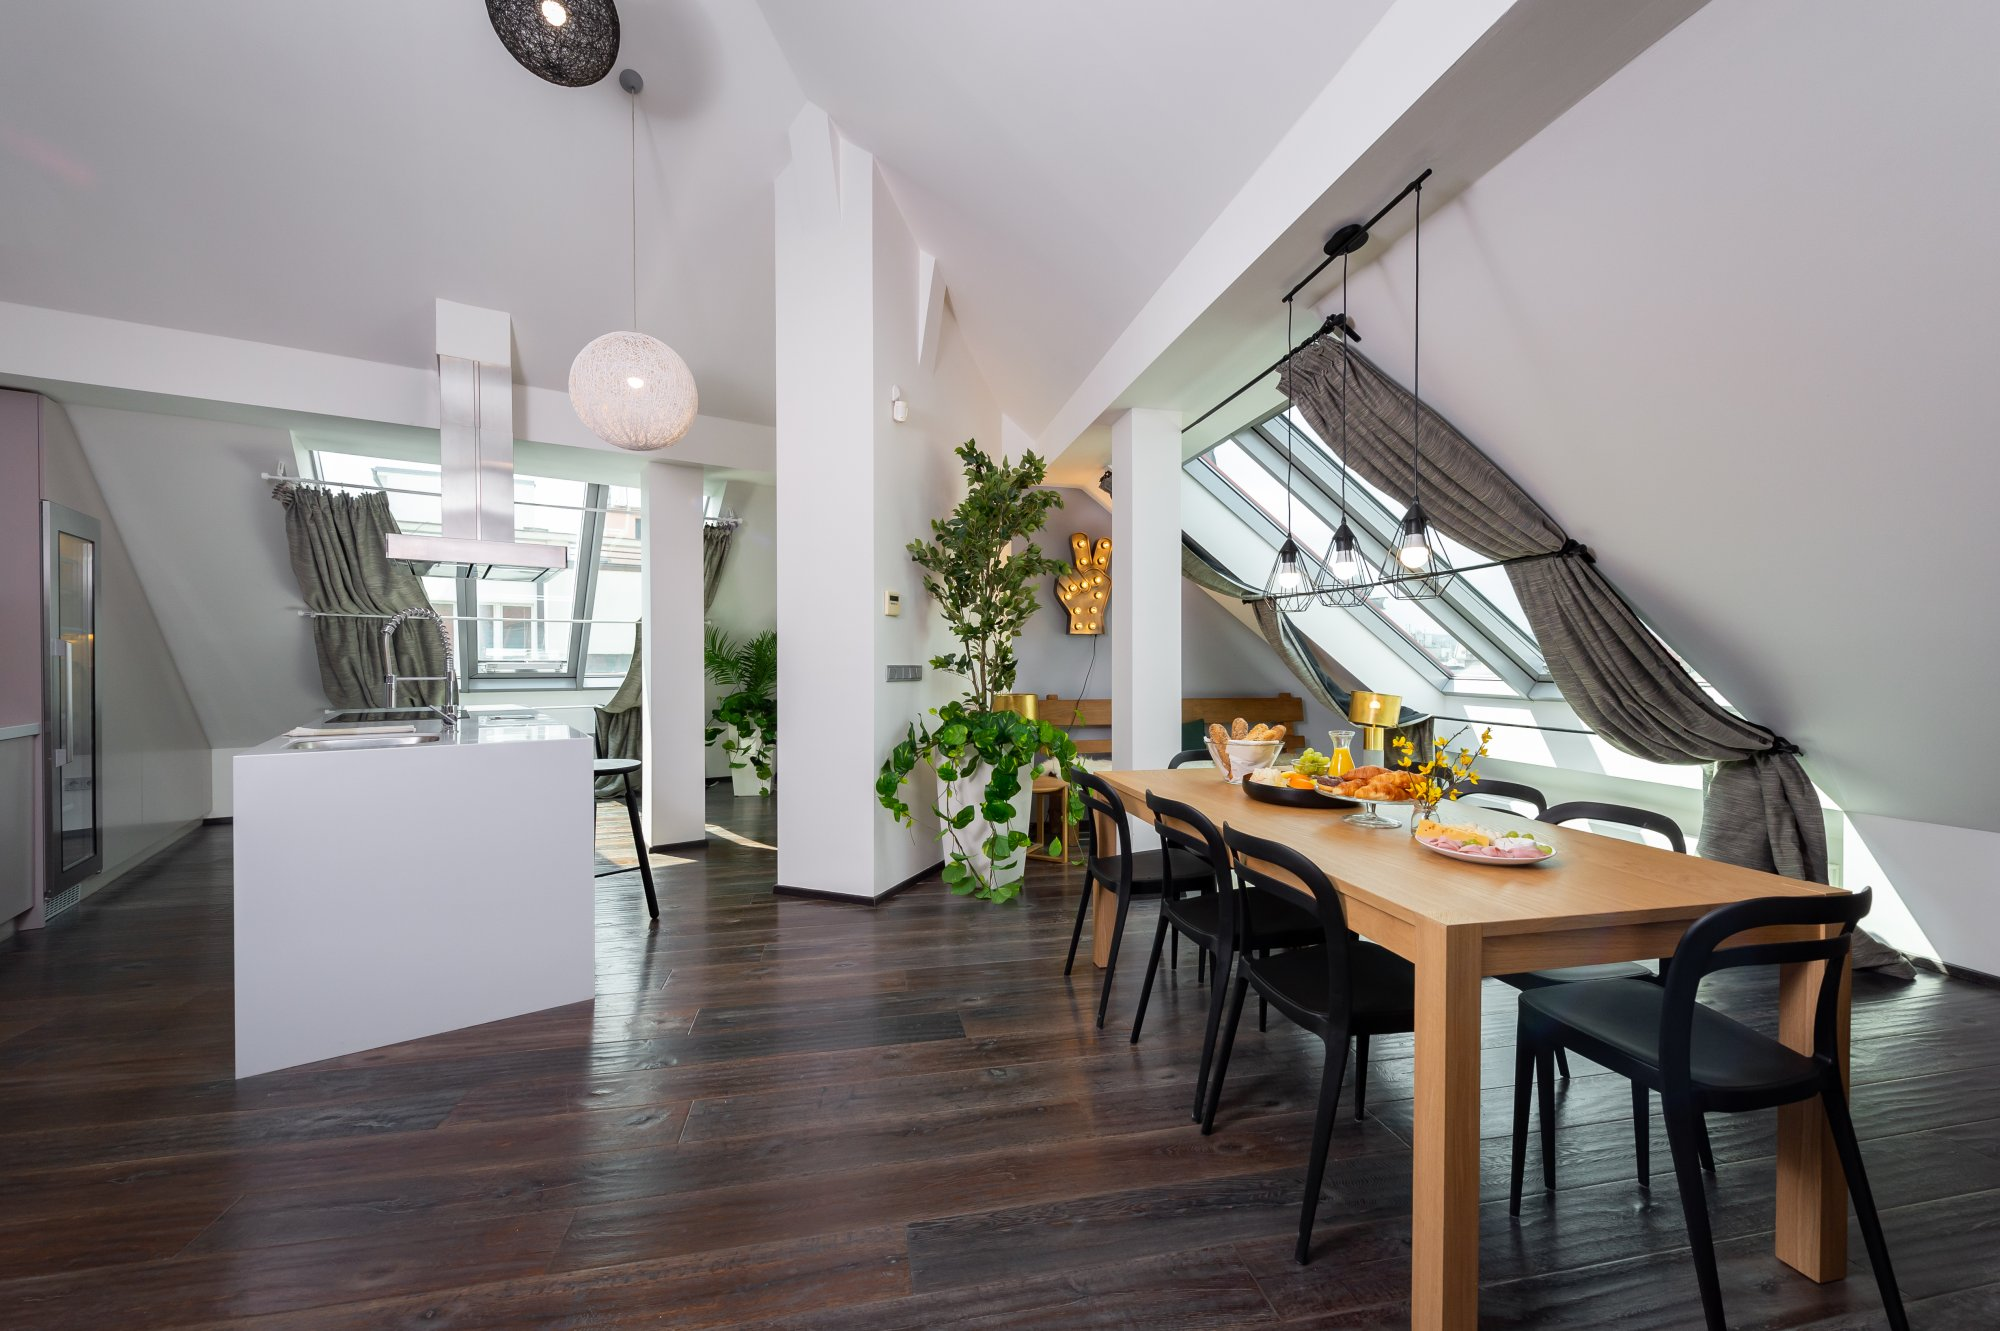 Půdní byt 4+kk, plocha 171 m², ulice Navrátilova, Praha 1 - Nové Město | 1